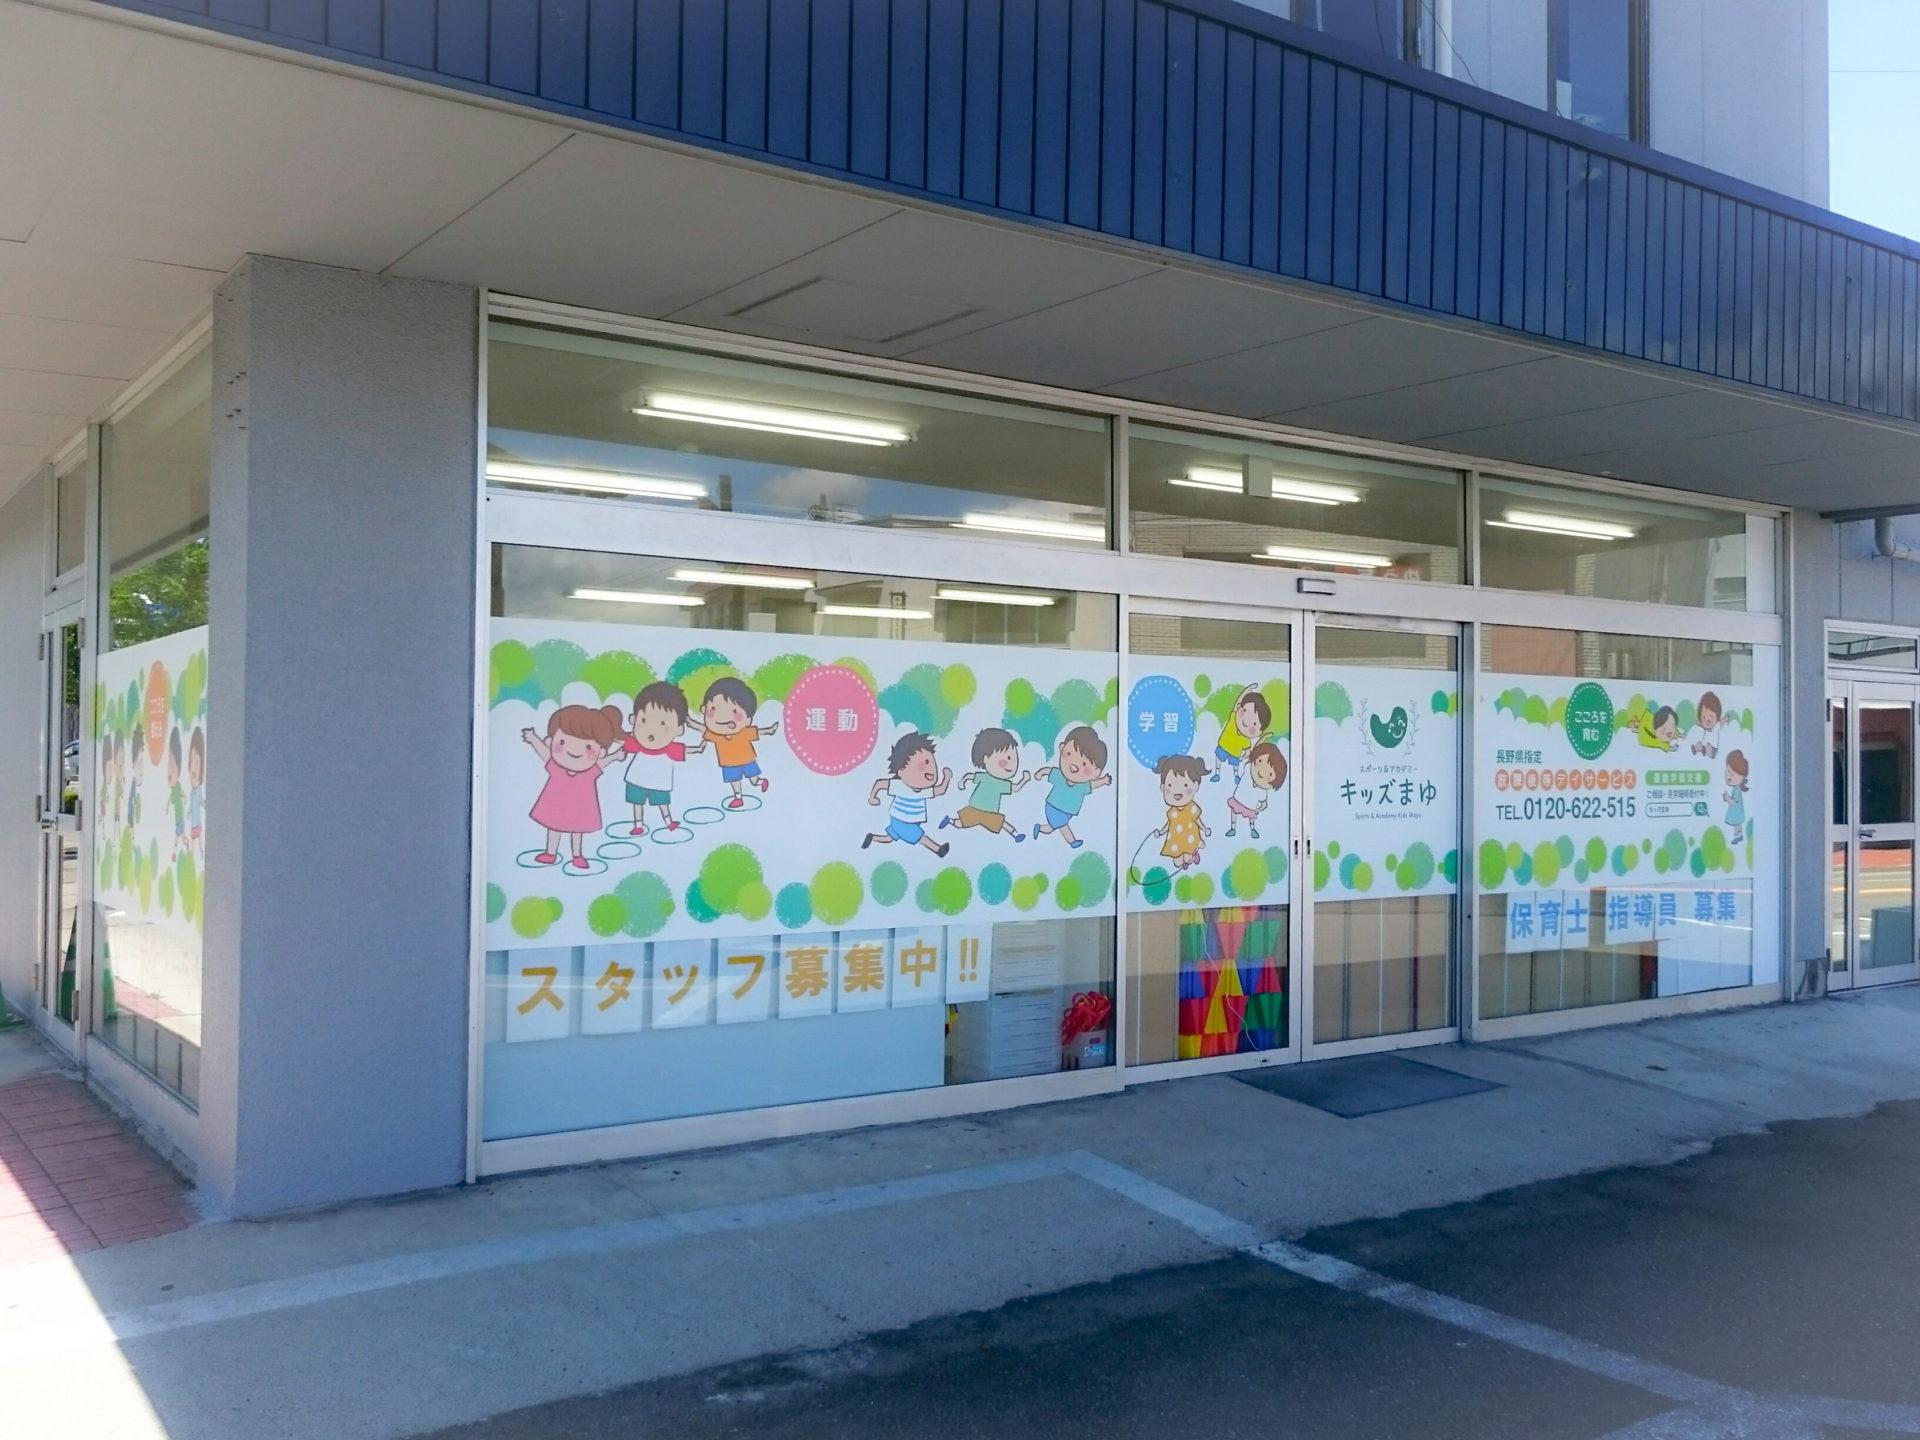 2021年度 新卒採用 保育士・児童指導員【放課後等デイサービス】